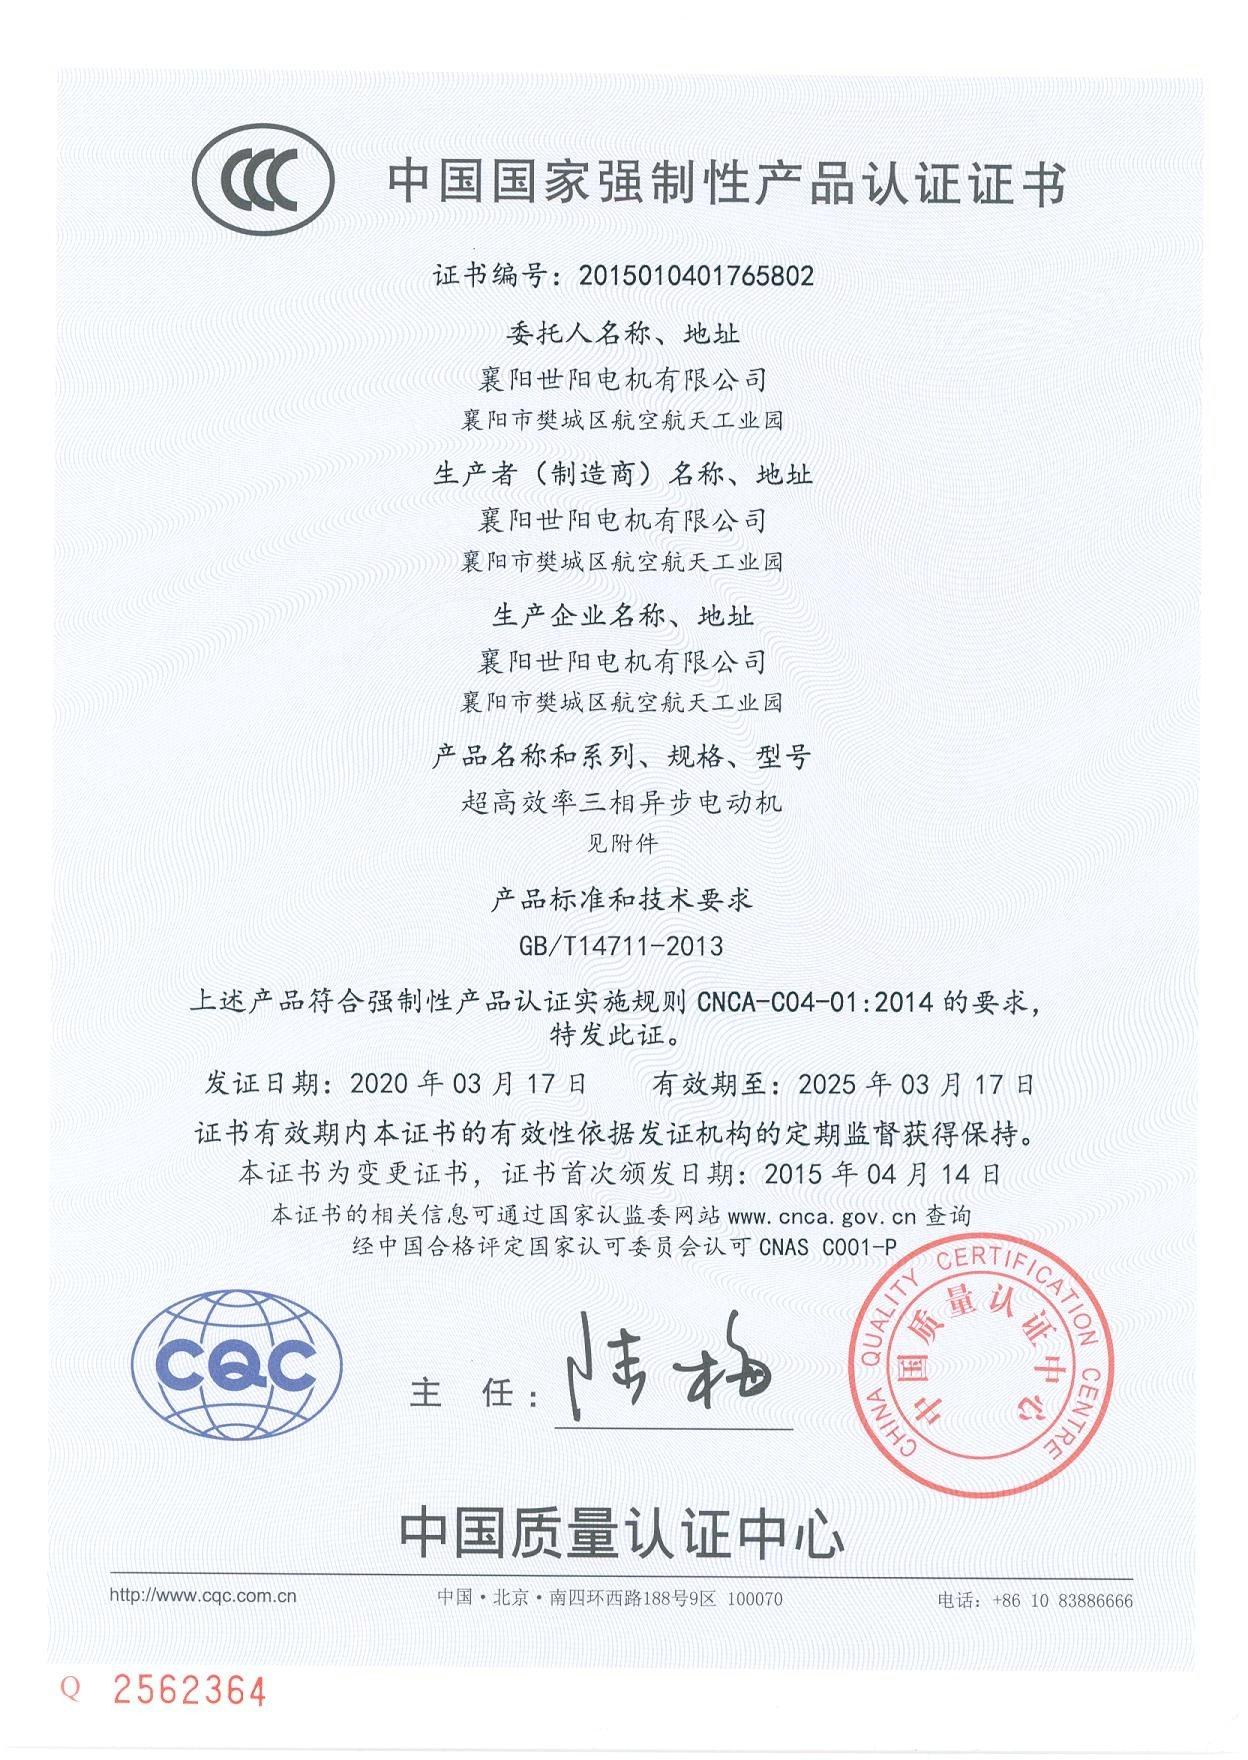 YE3-超高效3C認證書 1